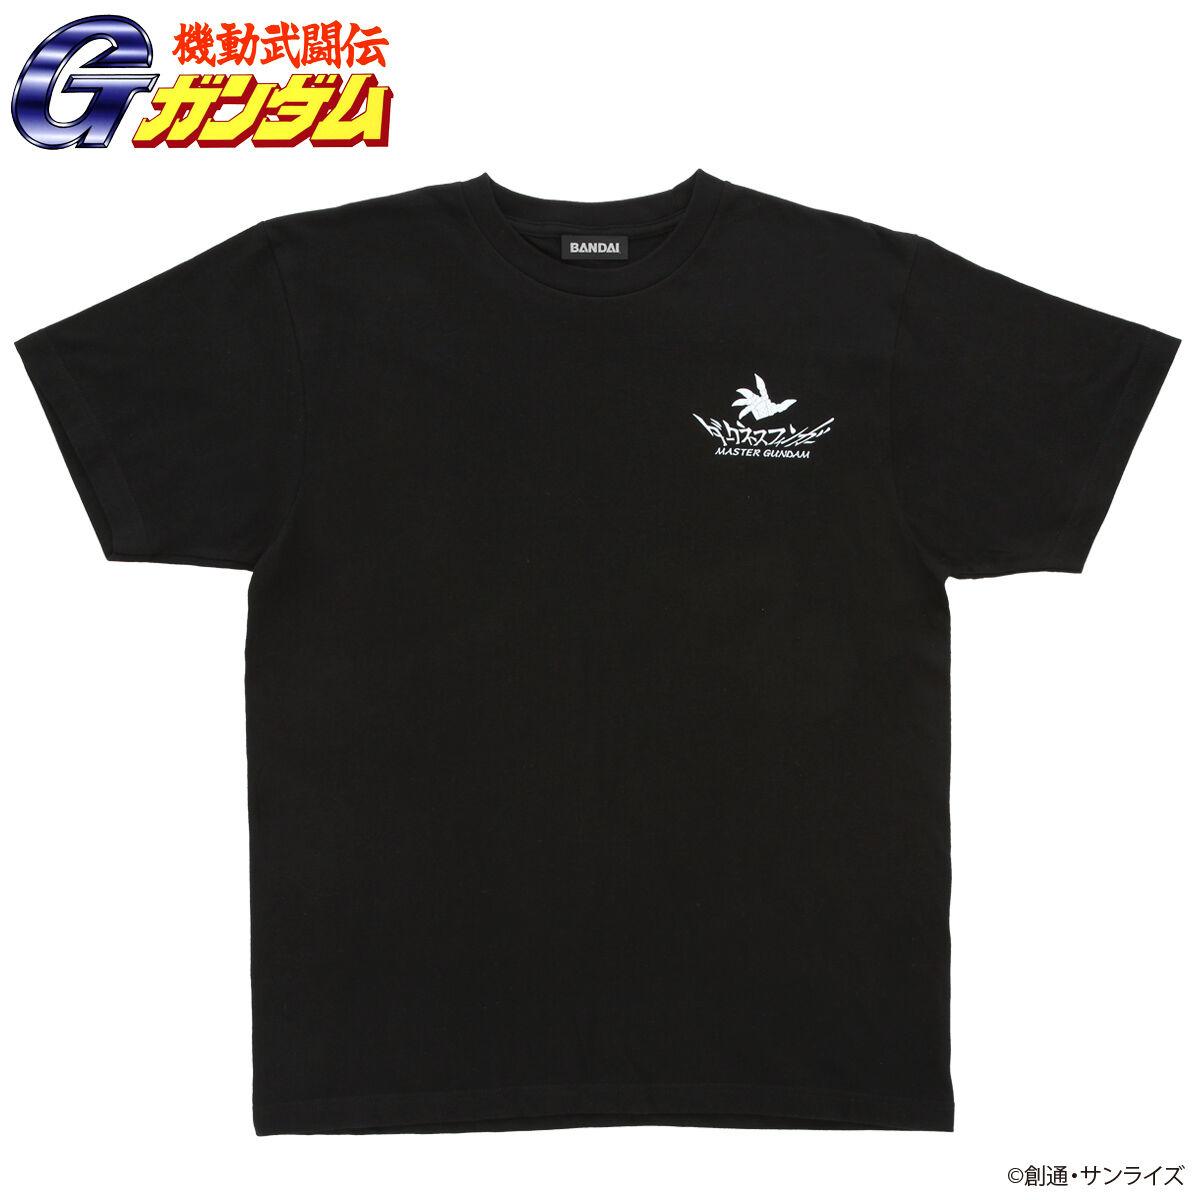 Mobile Fighter G Gundam Darkness Finger T-shirt